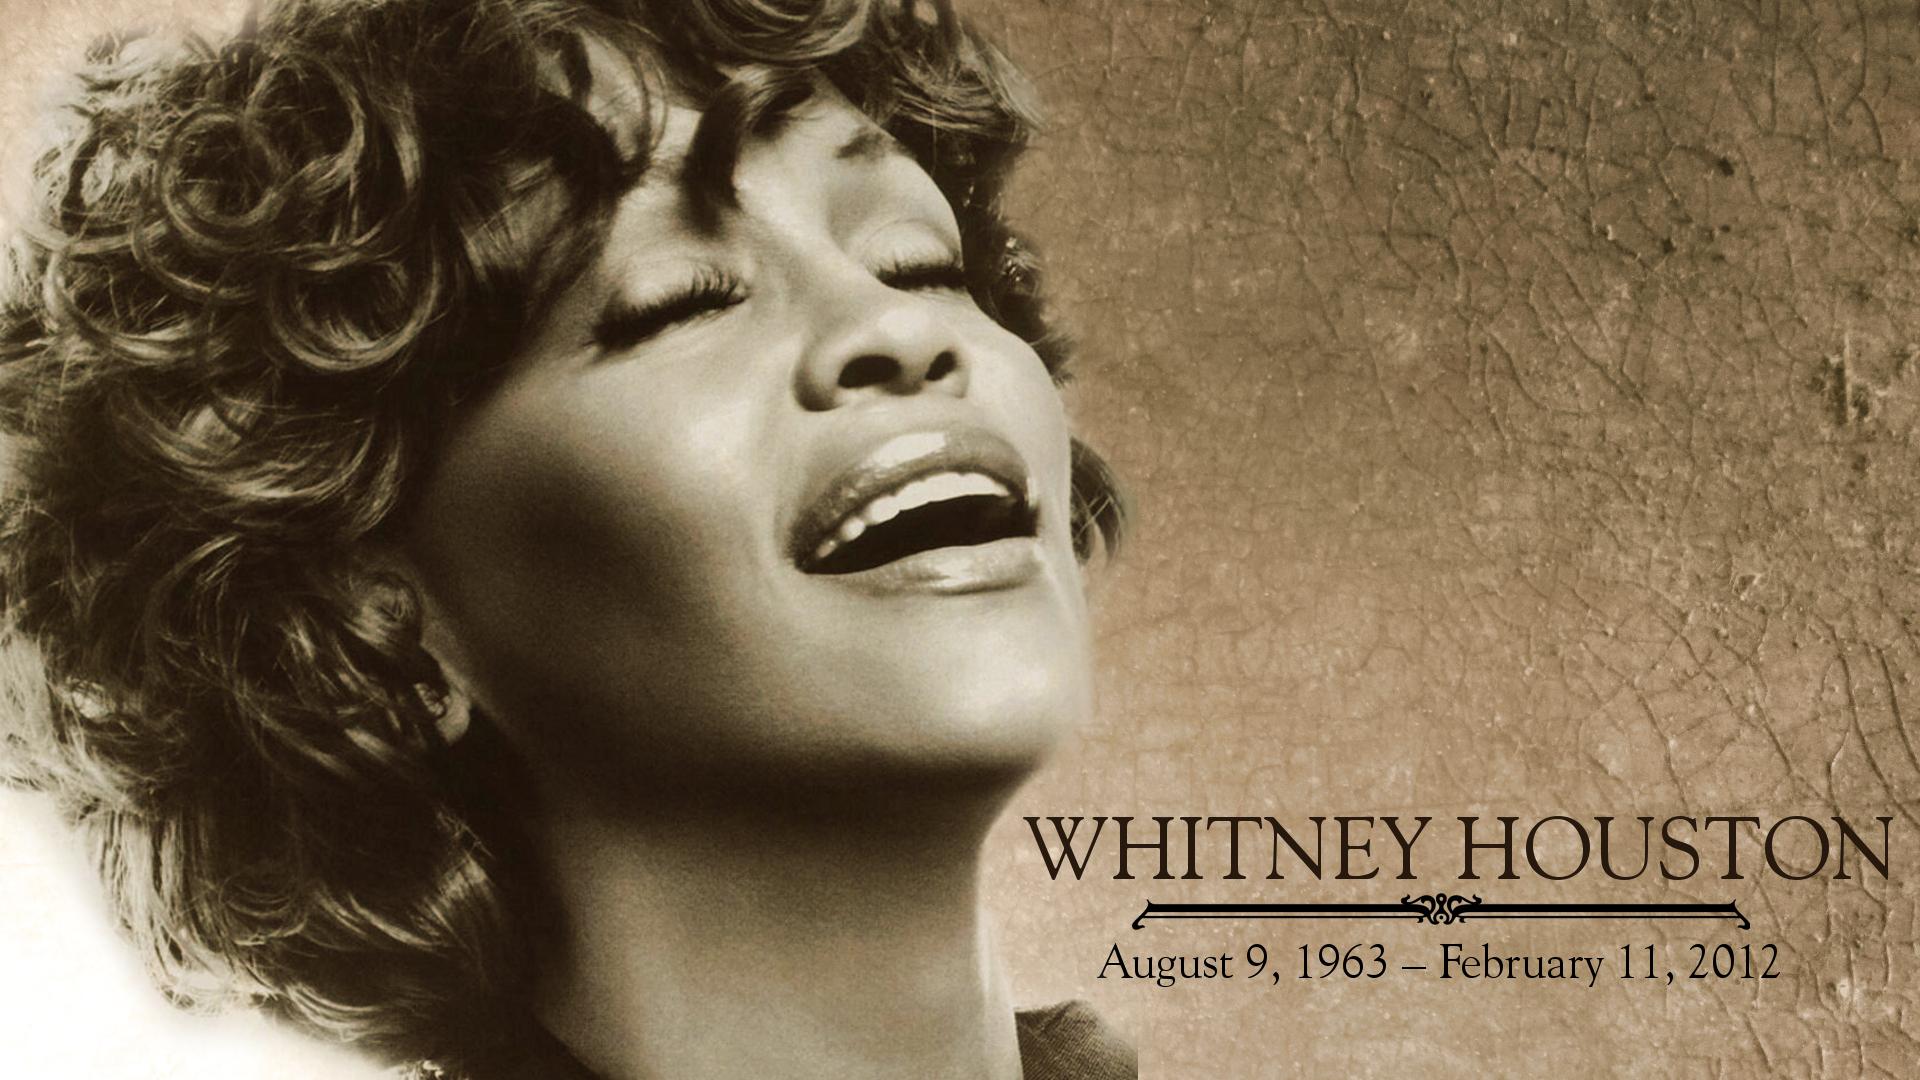 http://1.bp.blogspot.com/-u7NitoHdktM/TzgcXC4NnGI/AAAAAAAAAi4/S-HEiV4l34Q/s1920/Whitney.jpg